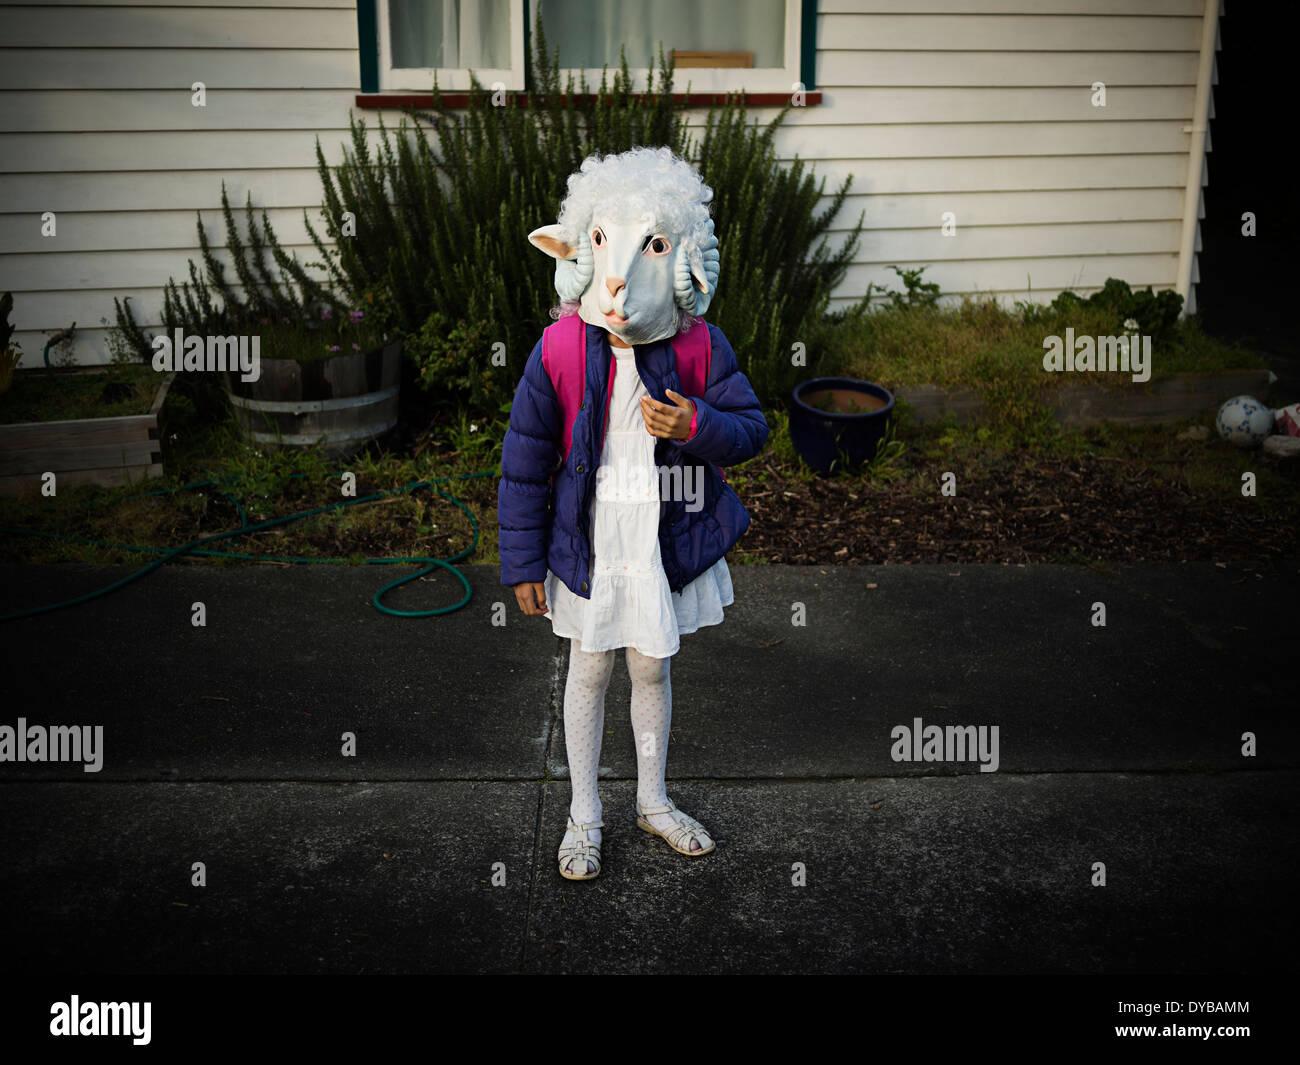 Tag in der Schule verkleiden: Mädchen begibt sich auf den Weg zur Schule, gekleidet wie ein Schaf Stockfoto